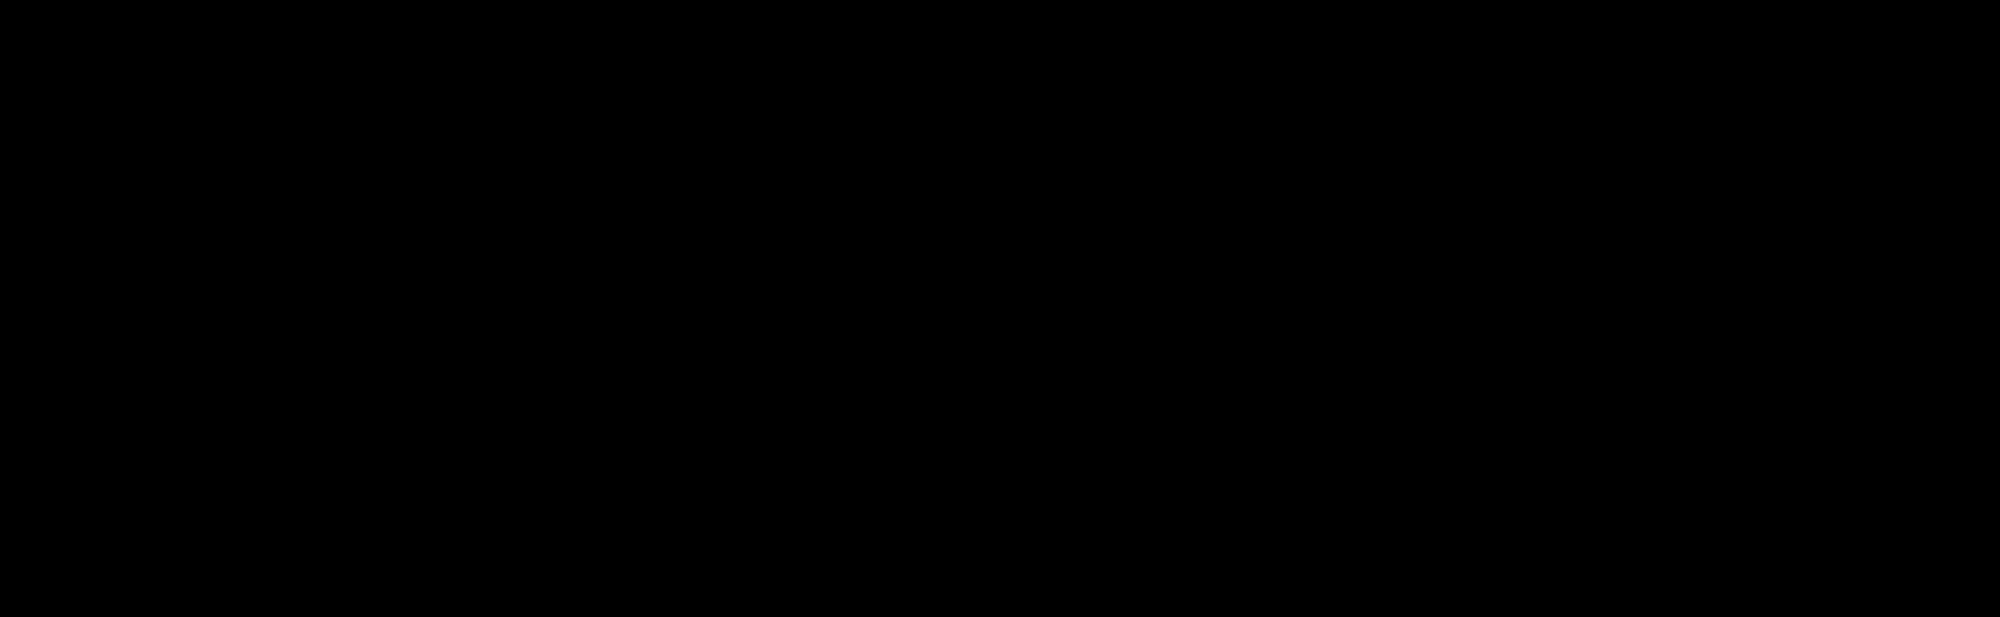 Aware        -logo-black.png